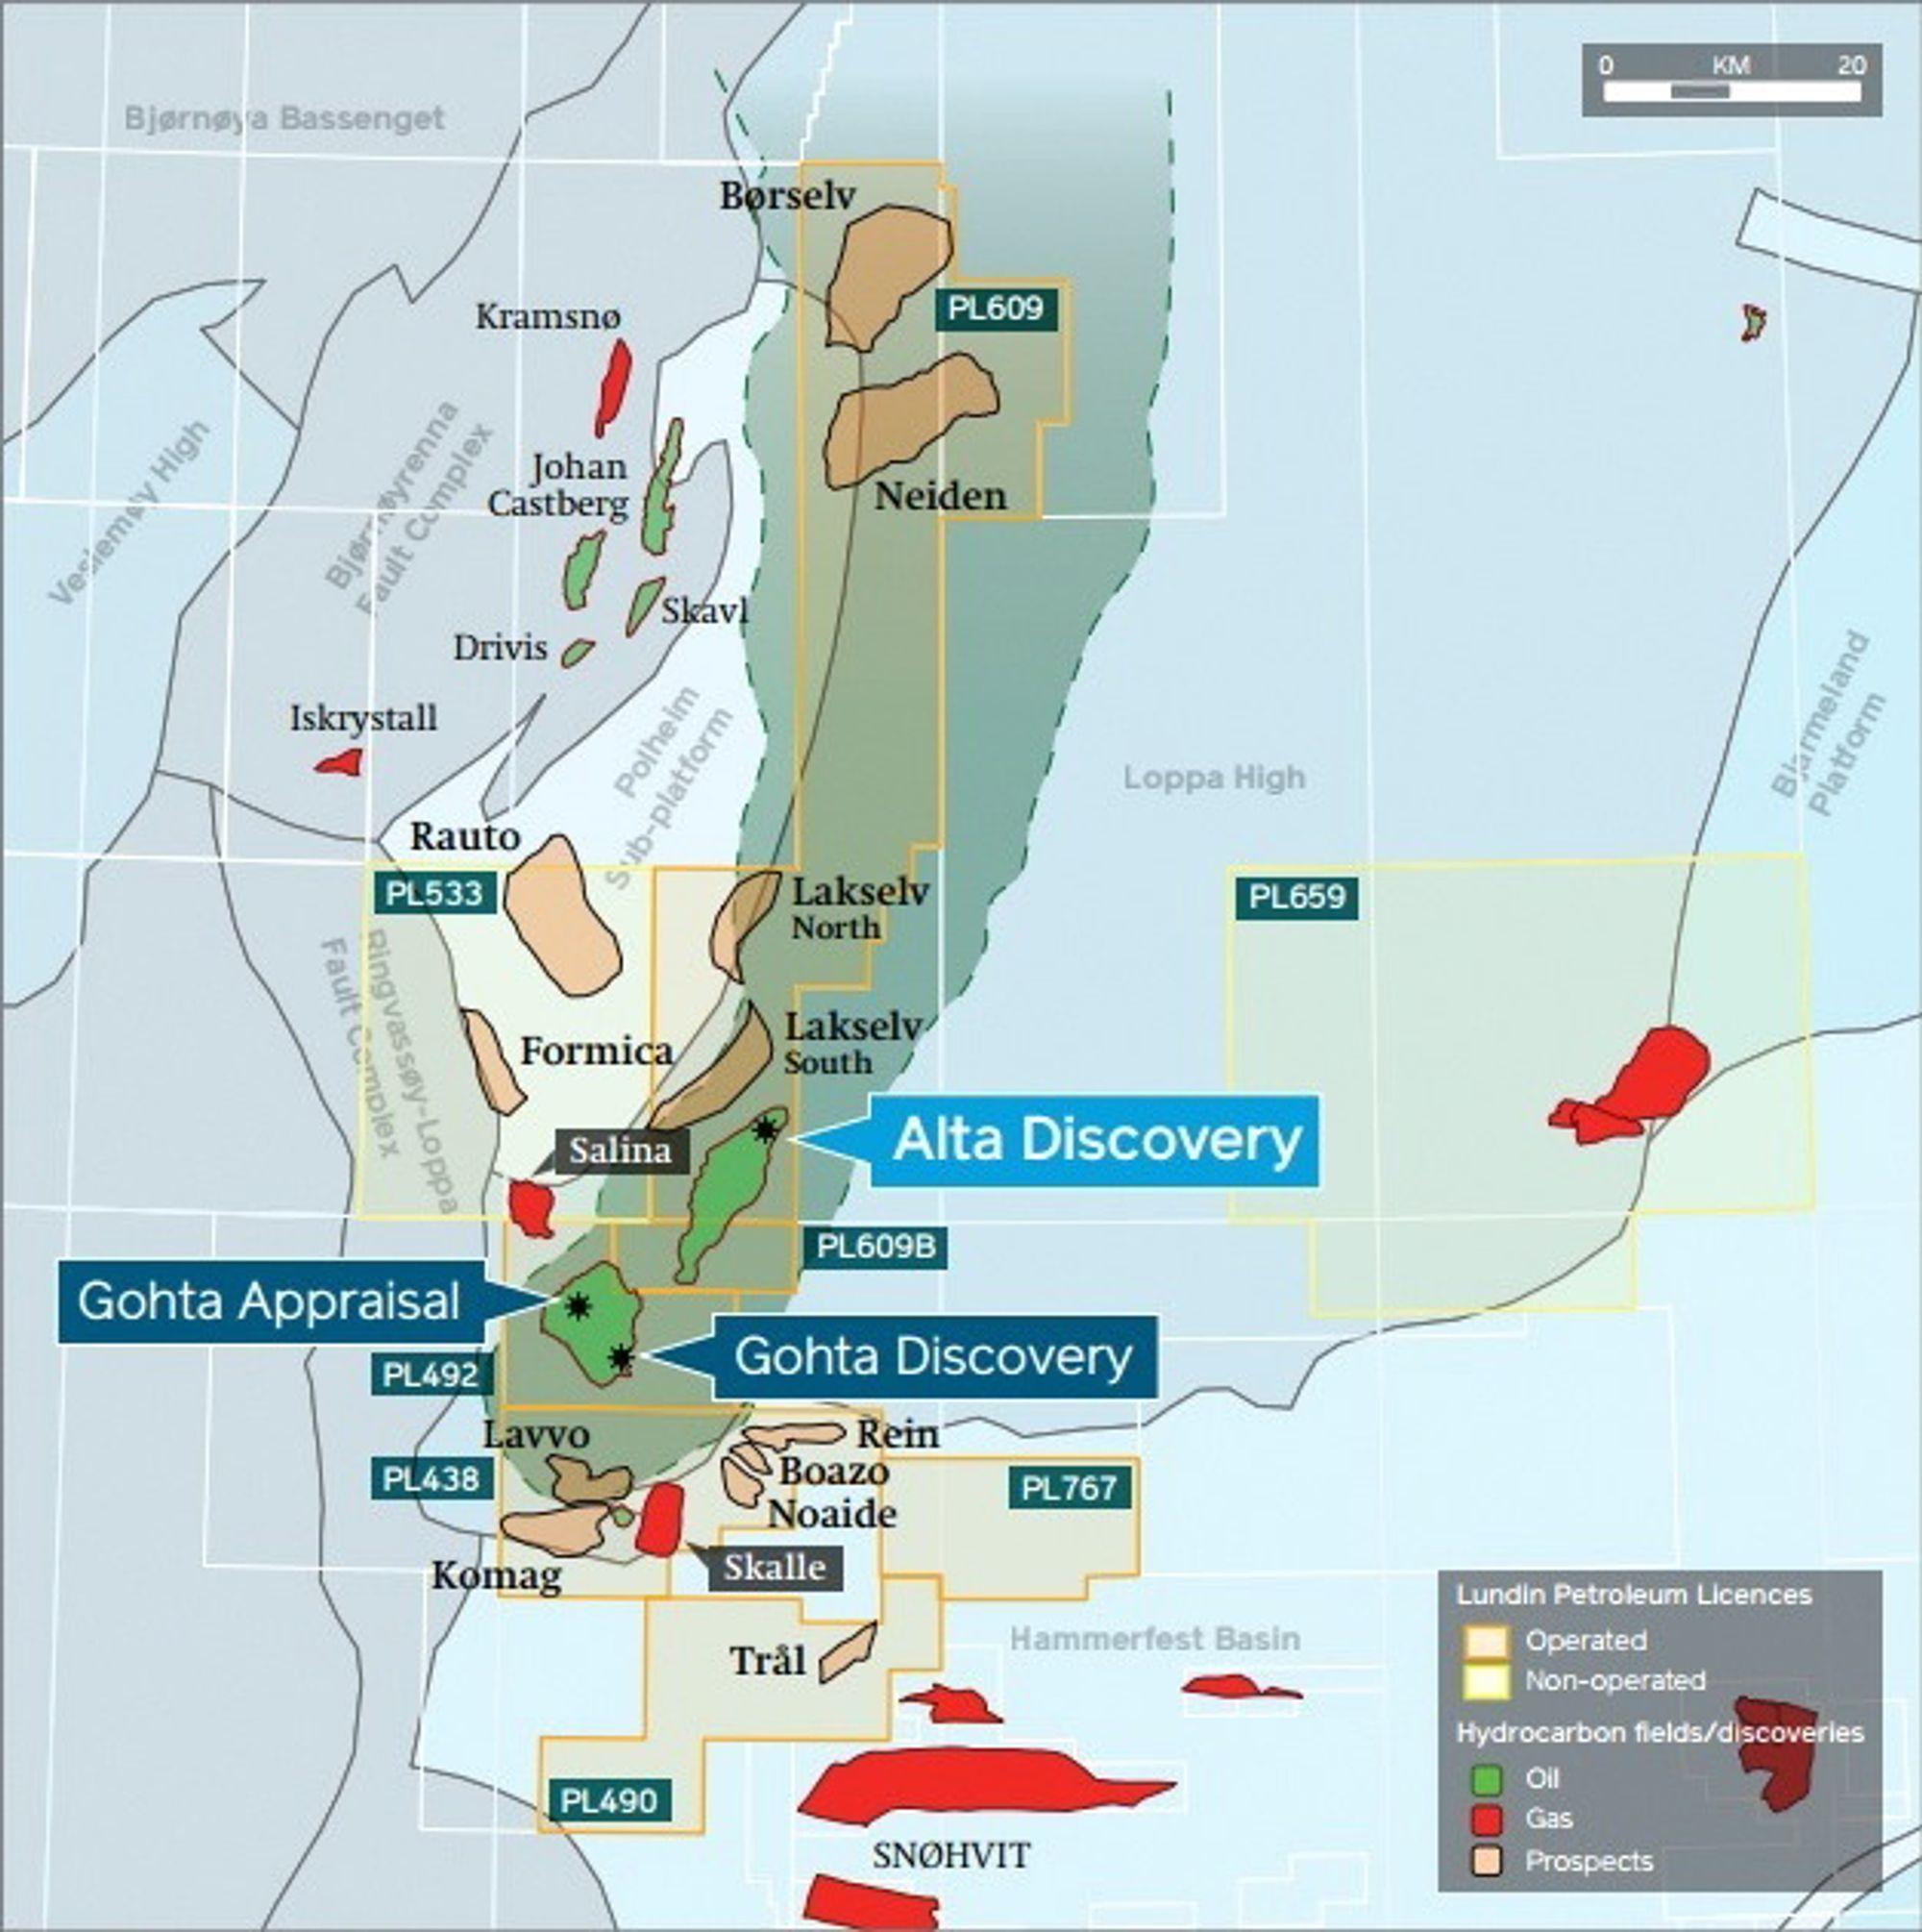 Oljedirektoratet jubler over nytt potensielt storfunn i Barentshavet. – Vi håper at dette betyr en lysere fremtid for oljevirksomheten i nord, sier letedirektør Sissel Eriksen til Teknisk Ukeblad.